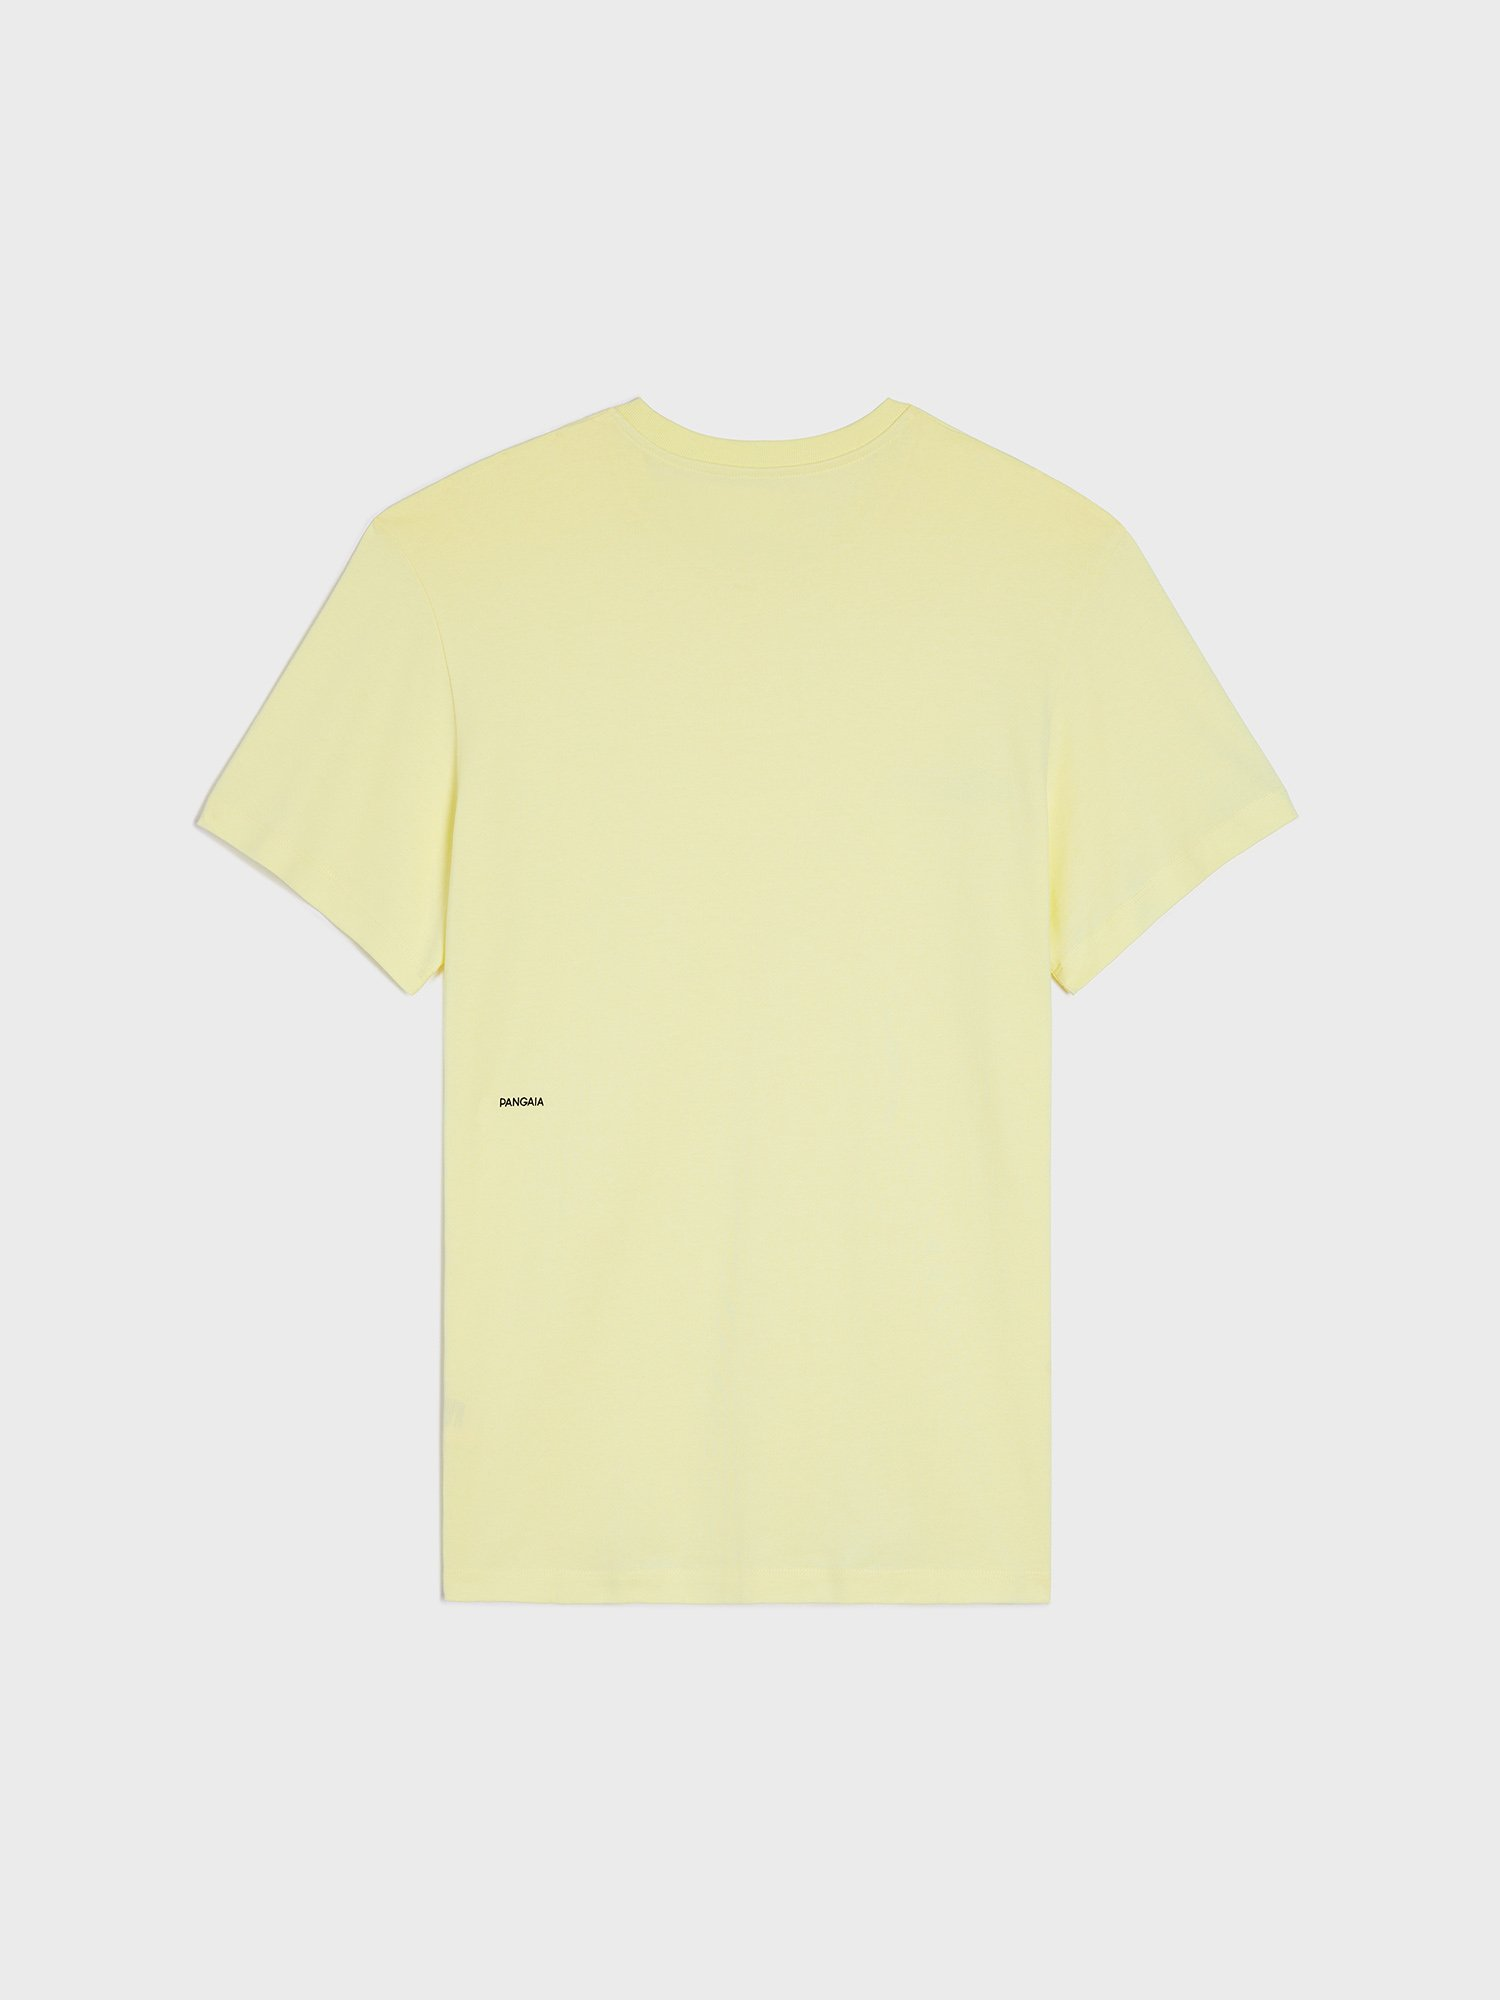 Pangaia Organic Cotton T-shirt with C-FIBER™